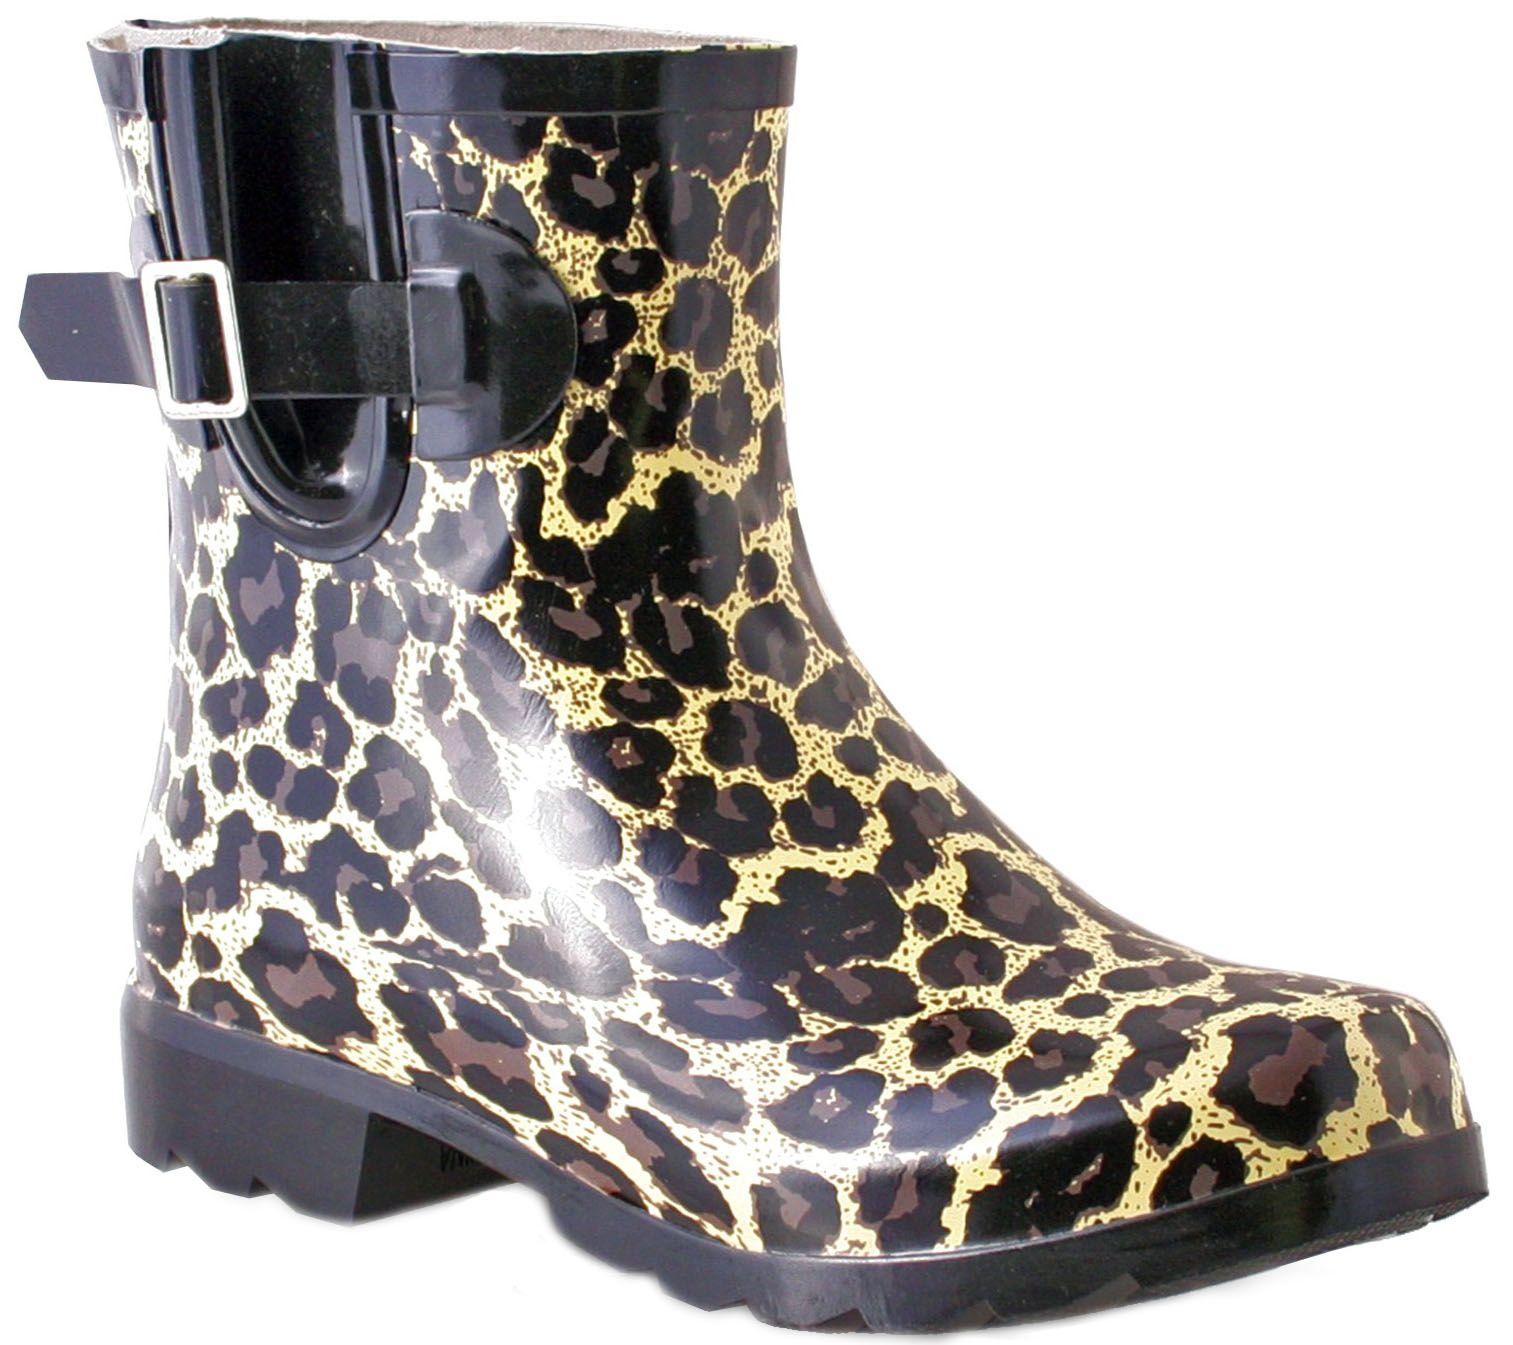 32a56633fa3 Nomad Rubber Rain Boots - Droplet — QVC.com